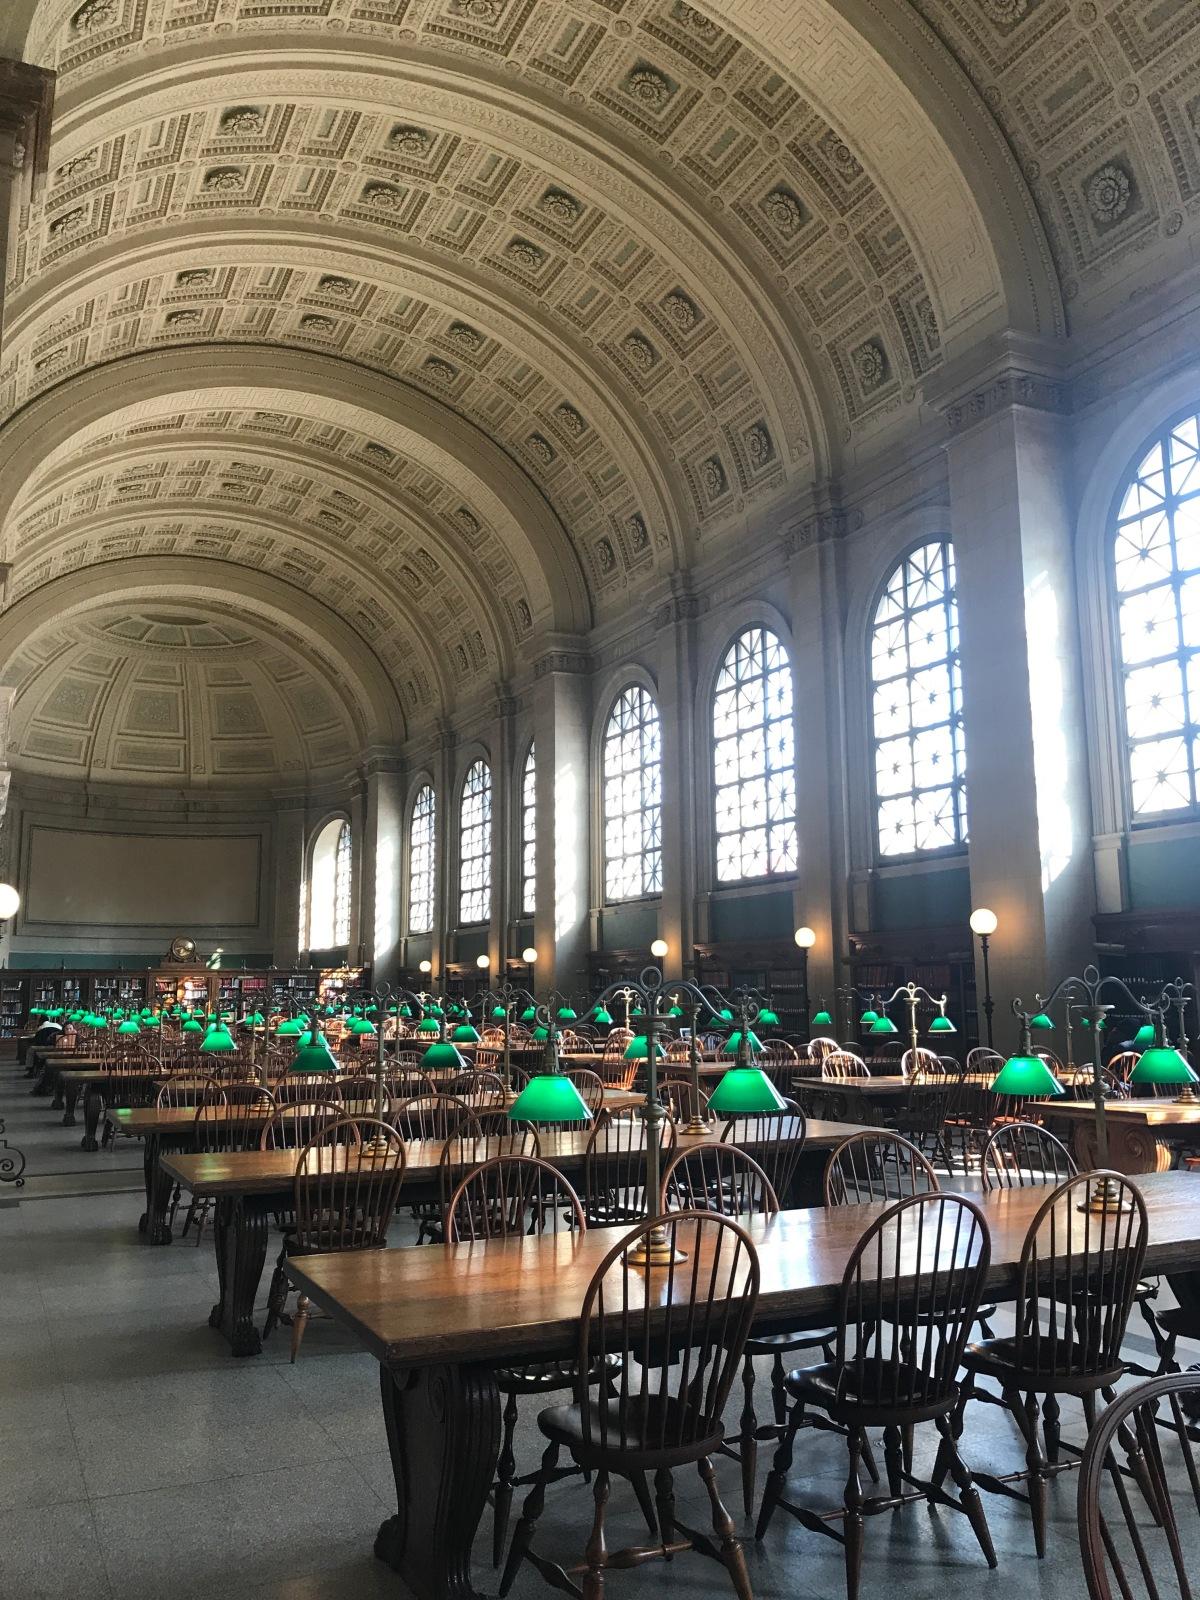 Boston-public library